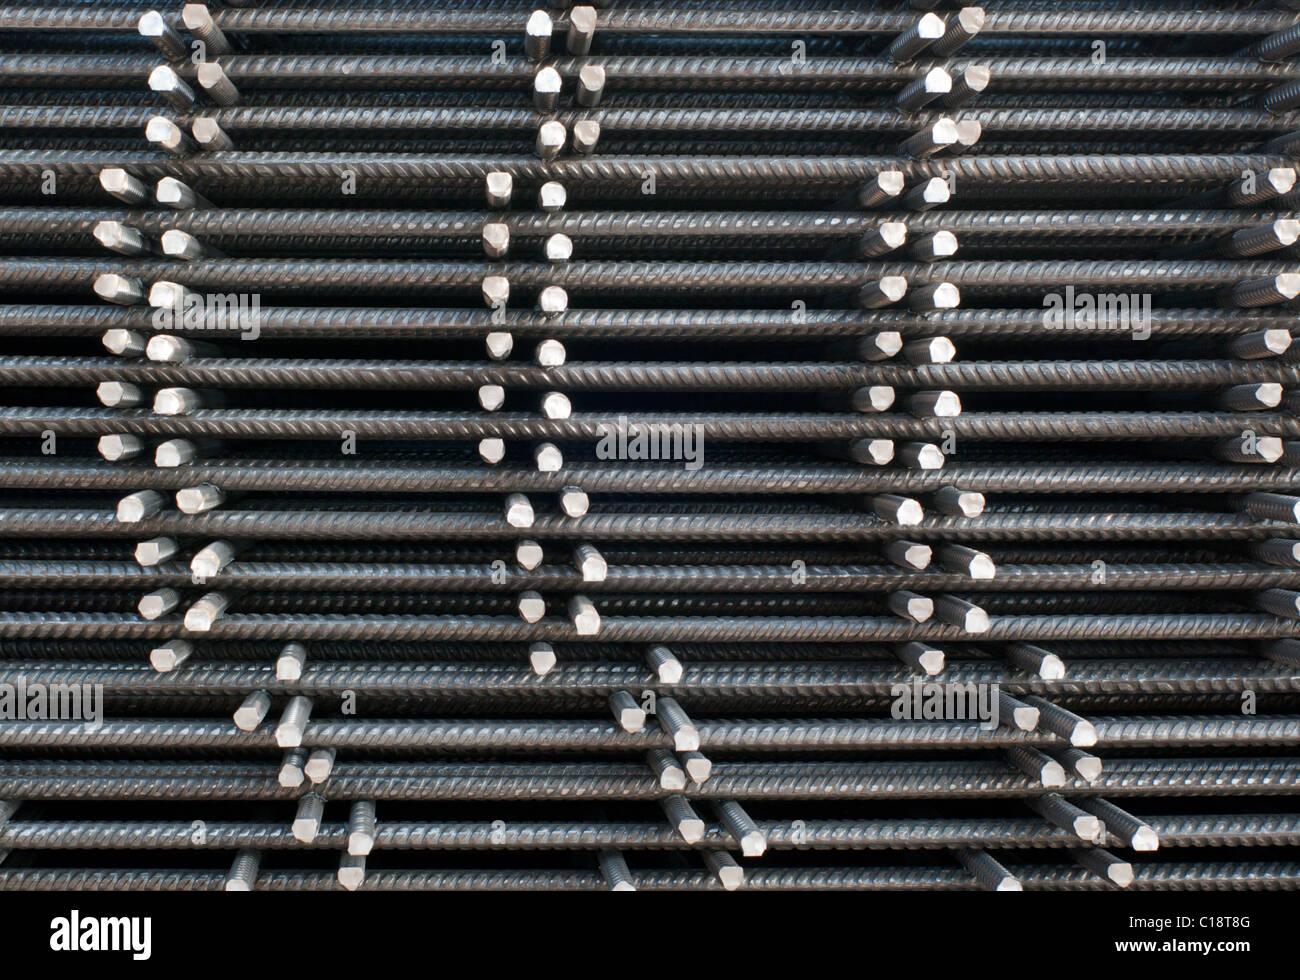 Il rinforzo del cemento armato di maglia di acciaio Immagini Stock